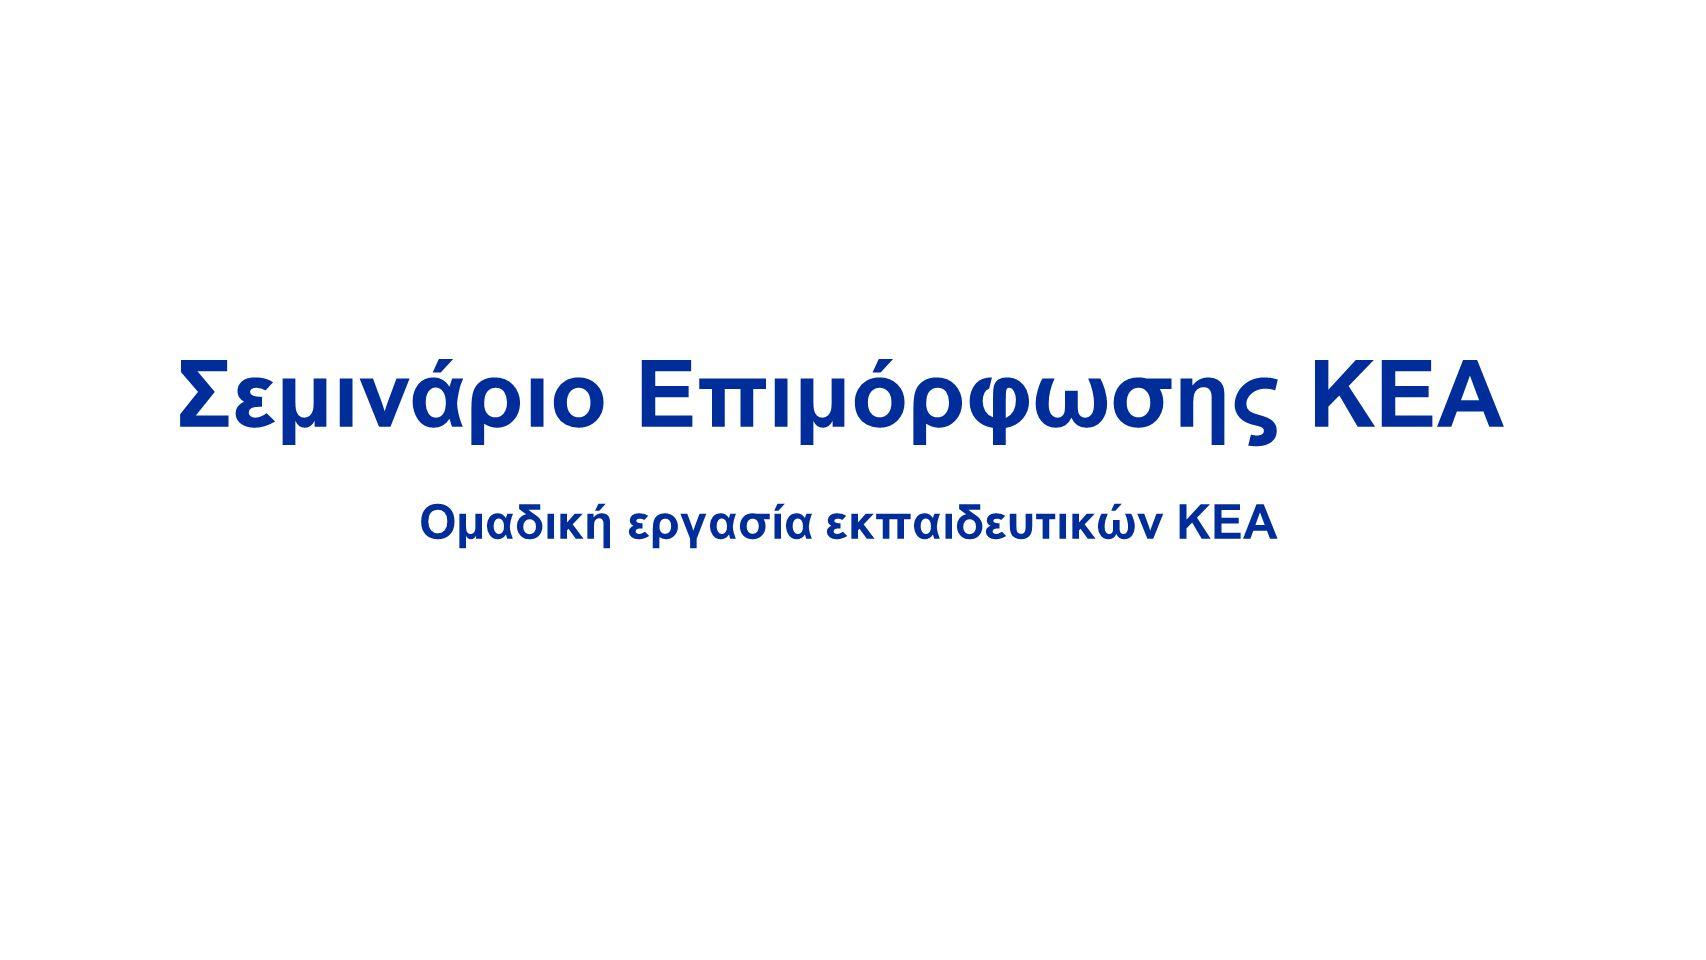 Σεμινάριο Επιμόρφωσης ΚΕΑ Ομαδική εργασία εκπαιδευτικών ΚΕΑ